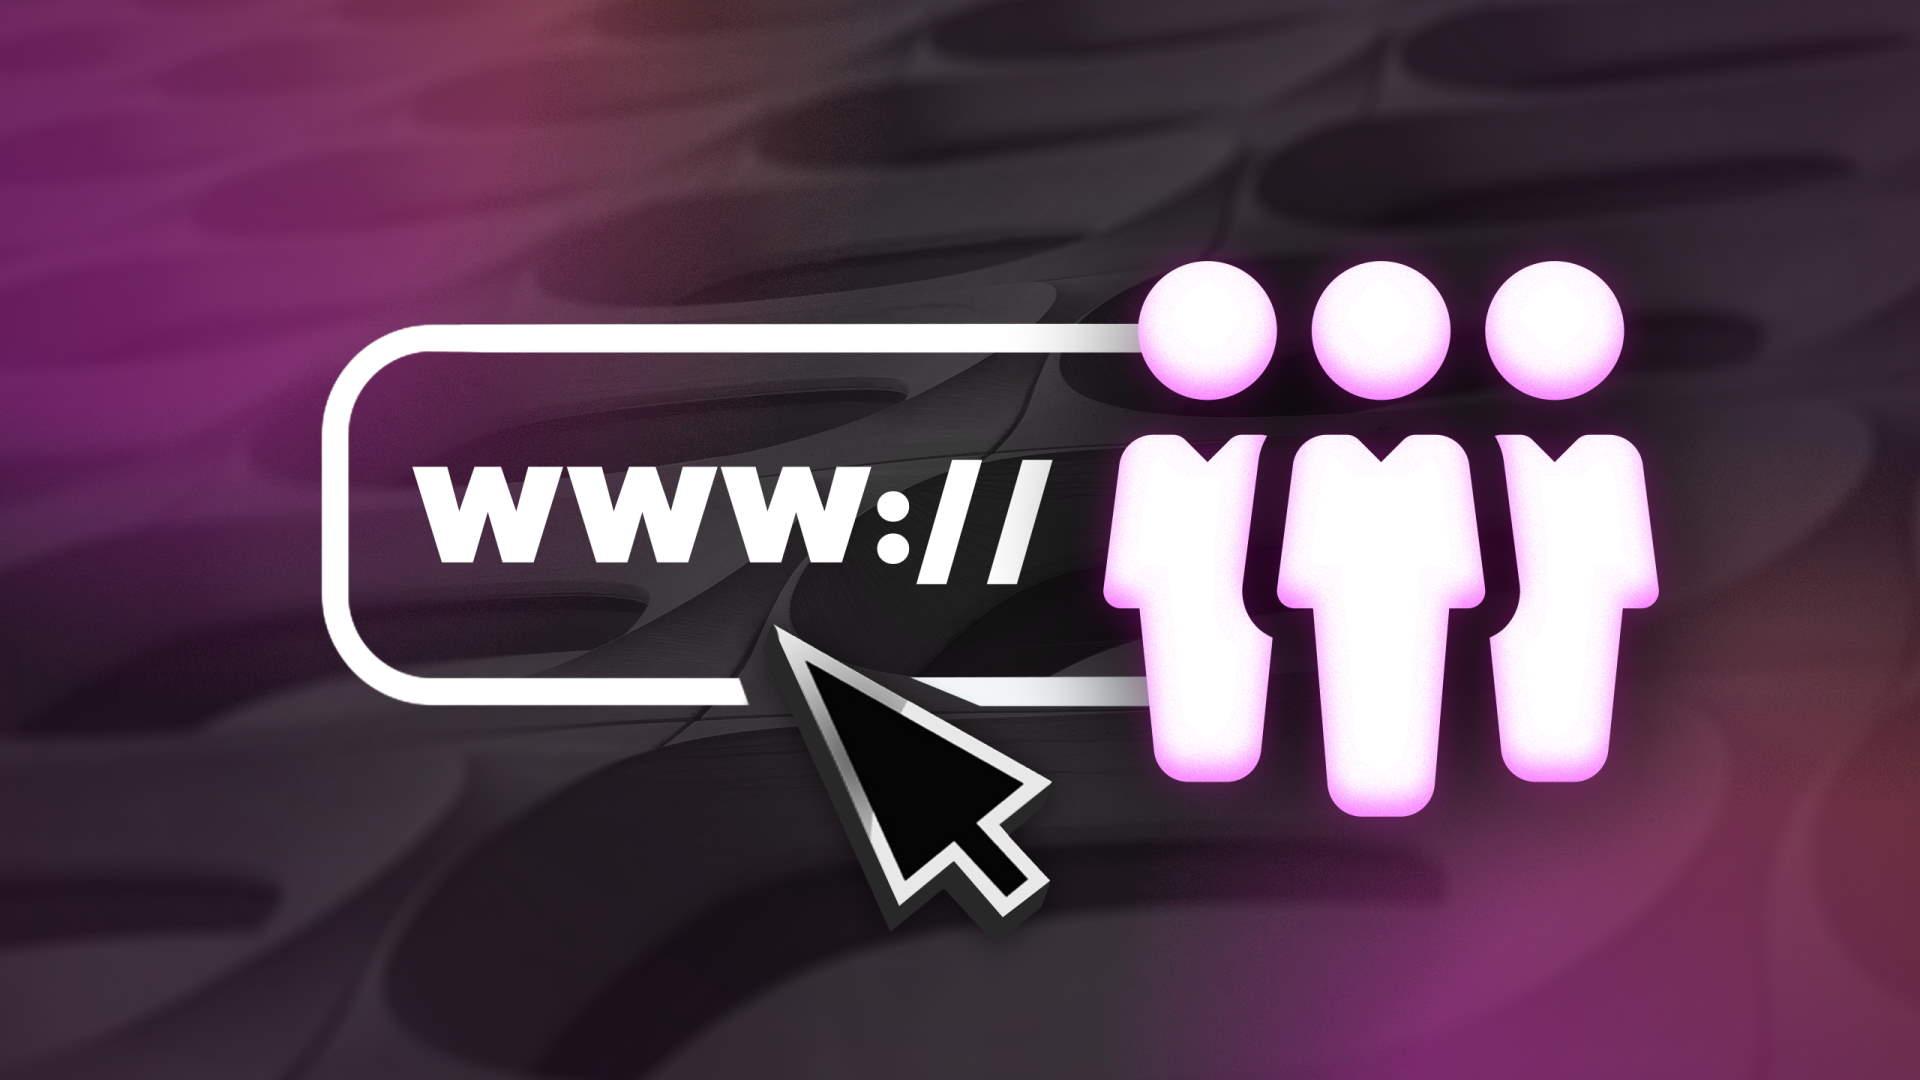 """""""www."""" vor drei Männchen; Mauszeiger deutet auf URL"""